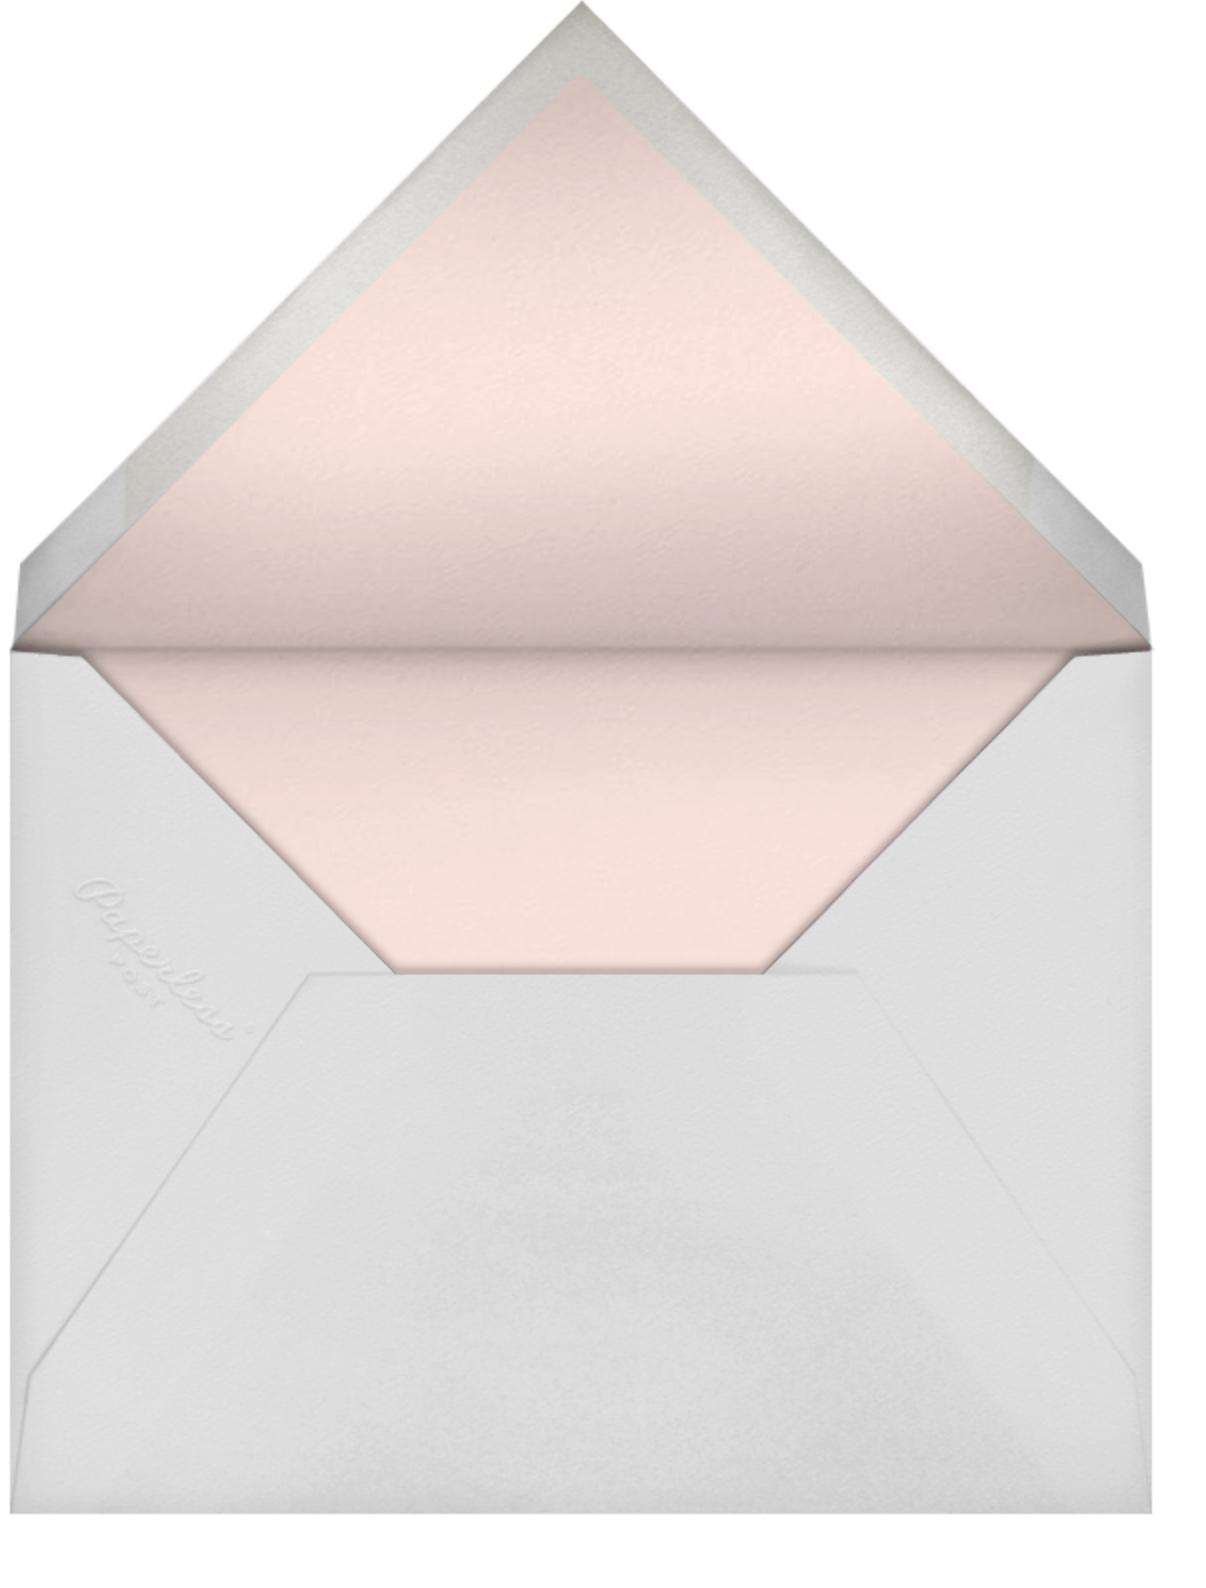 Leaf Lace I - Pink - Oscar de la Renta - All - envelope back